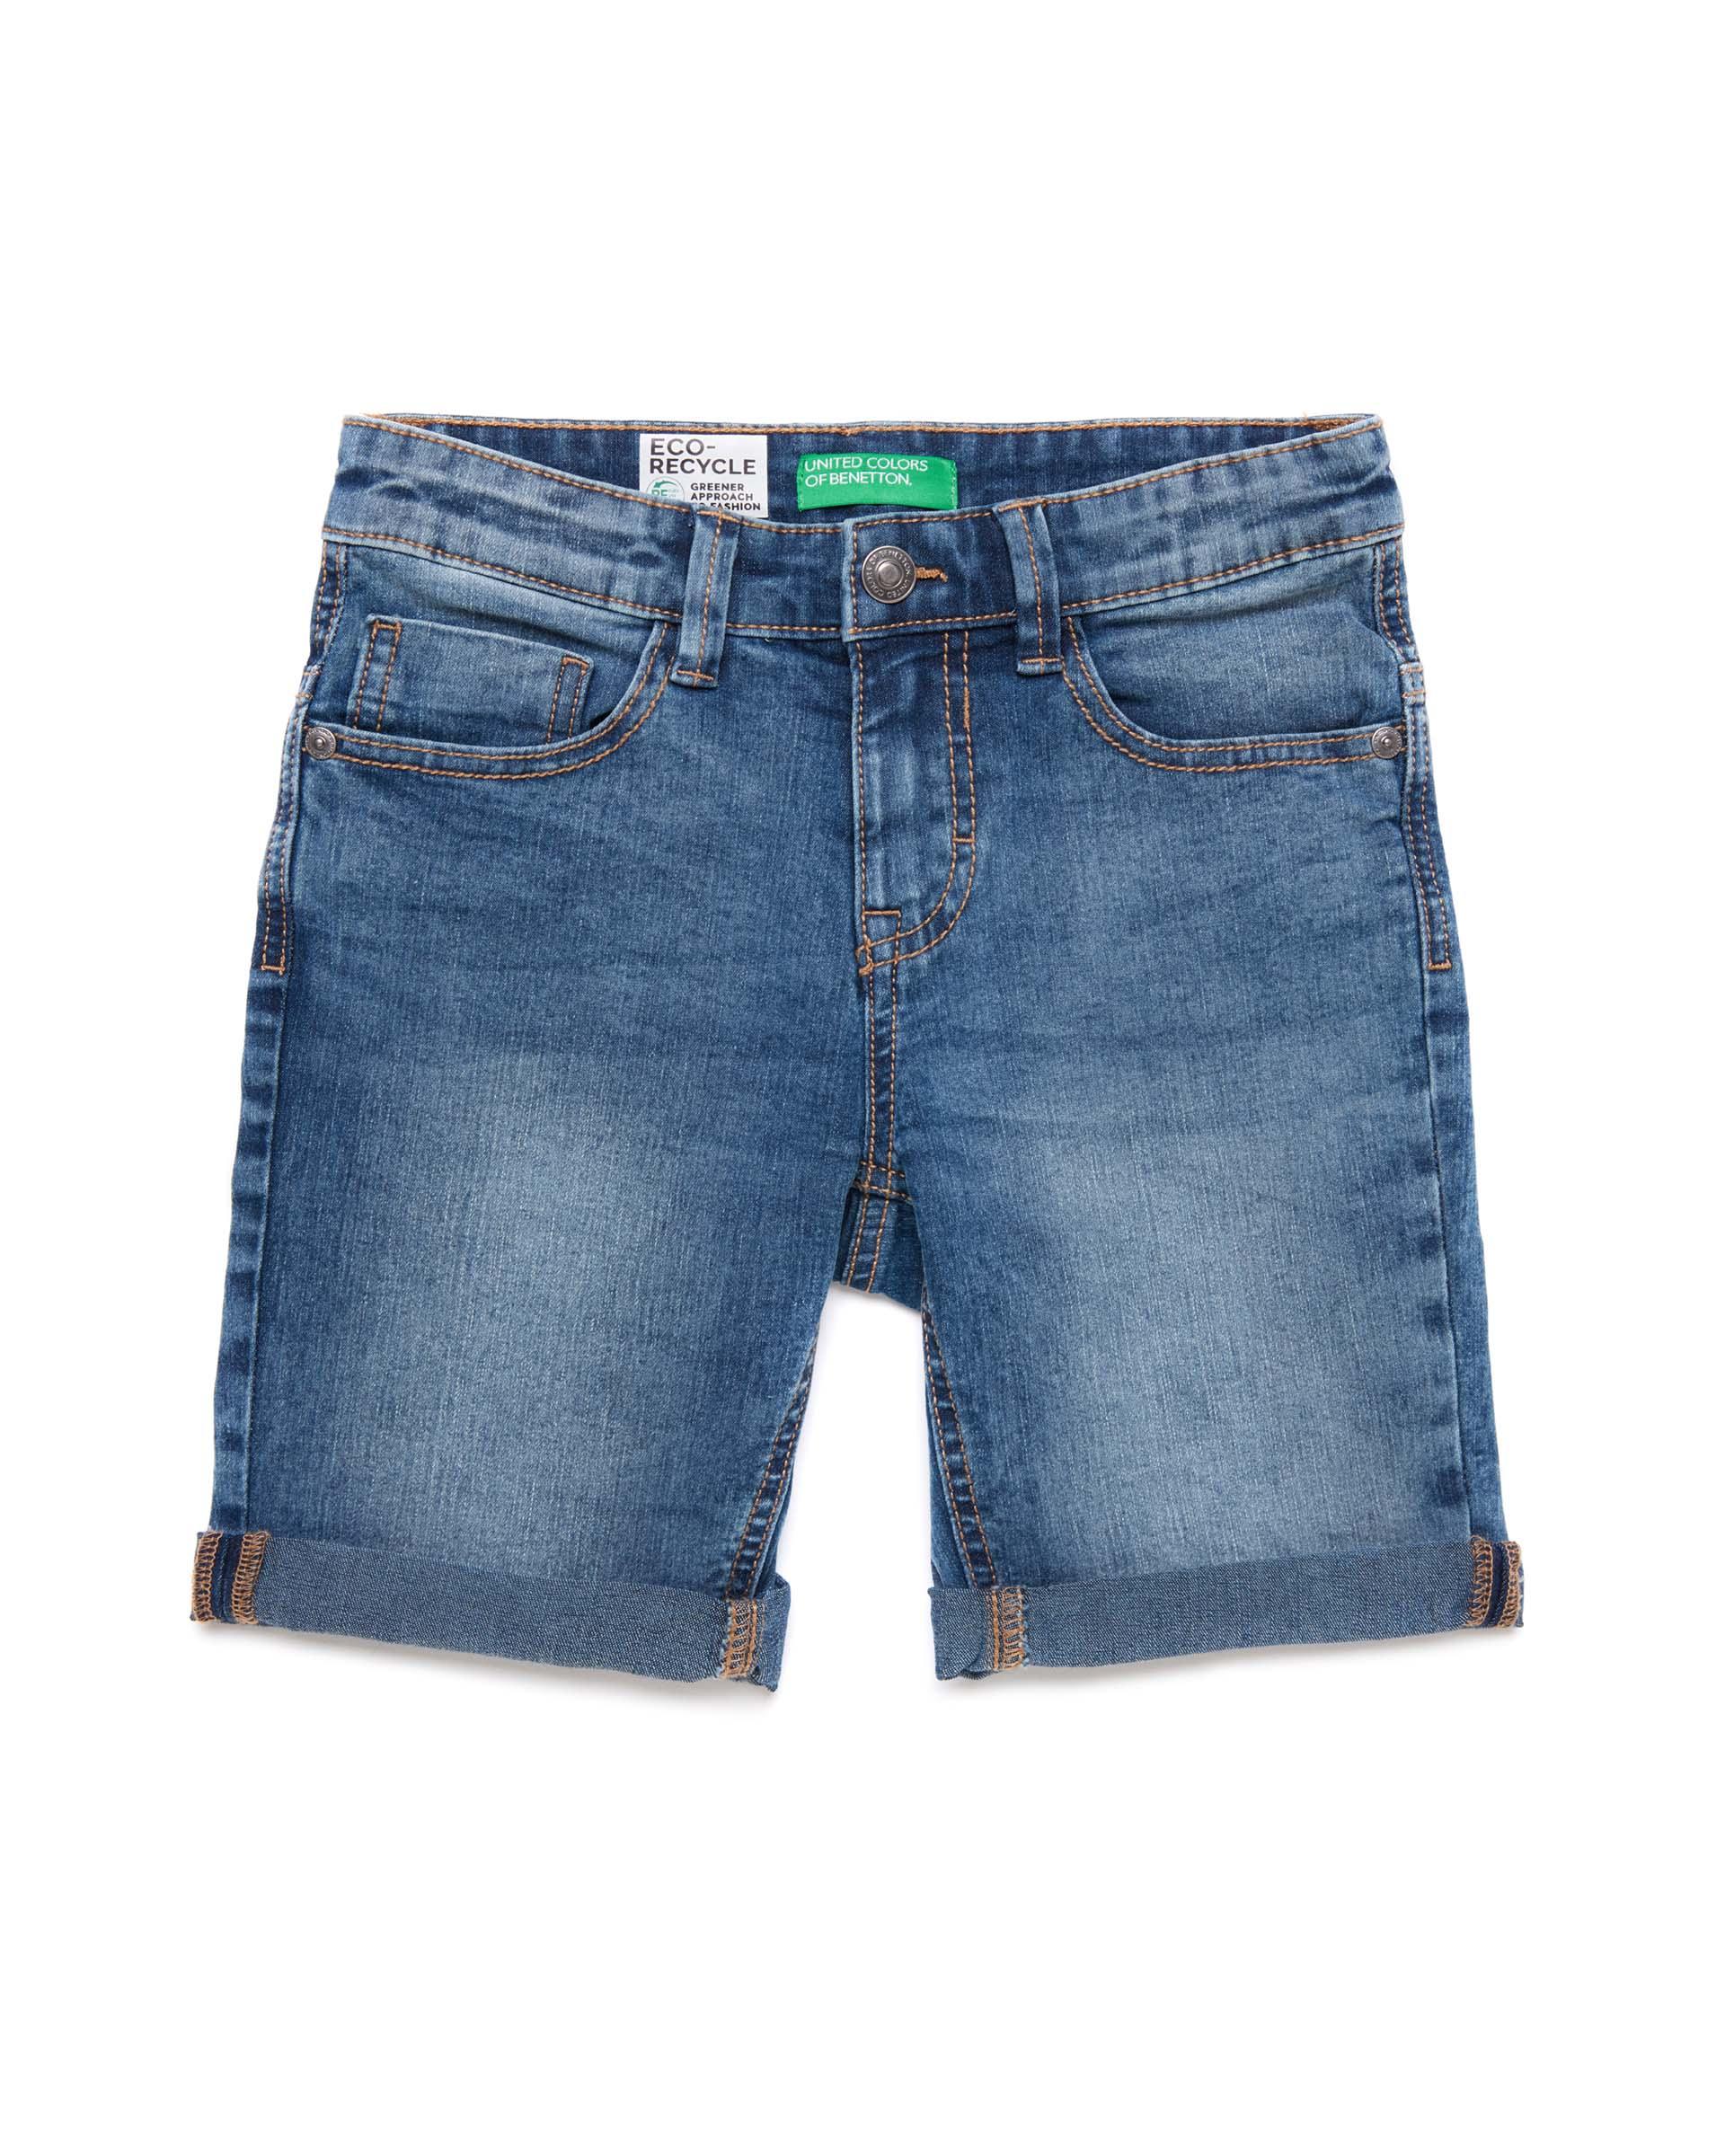 Купить 20P_4XA259DY0_902, Джинсовые шорты для мальчиков Benetton 4XA259DY0_902 р-р 140, United Colors of Benetton, Шорты для мальчиков